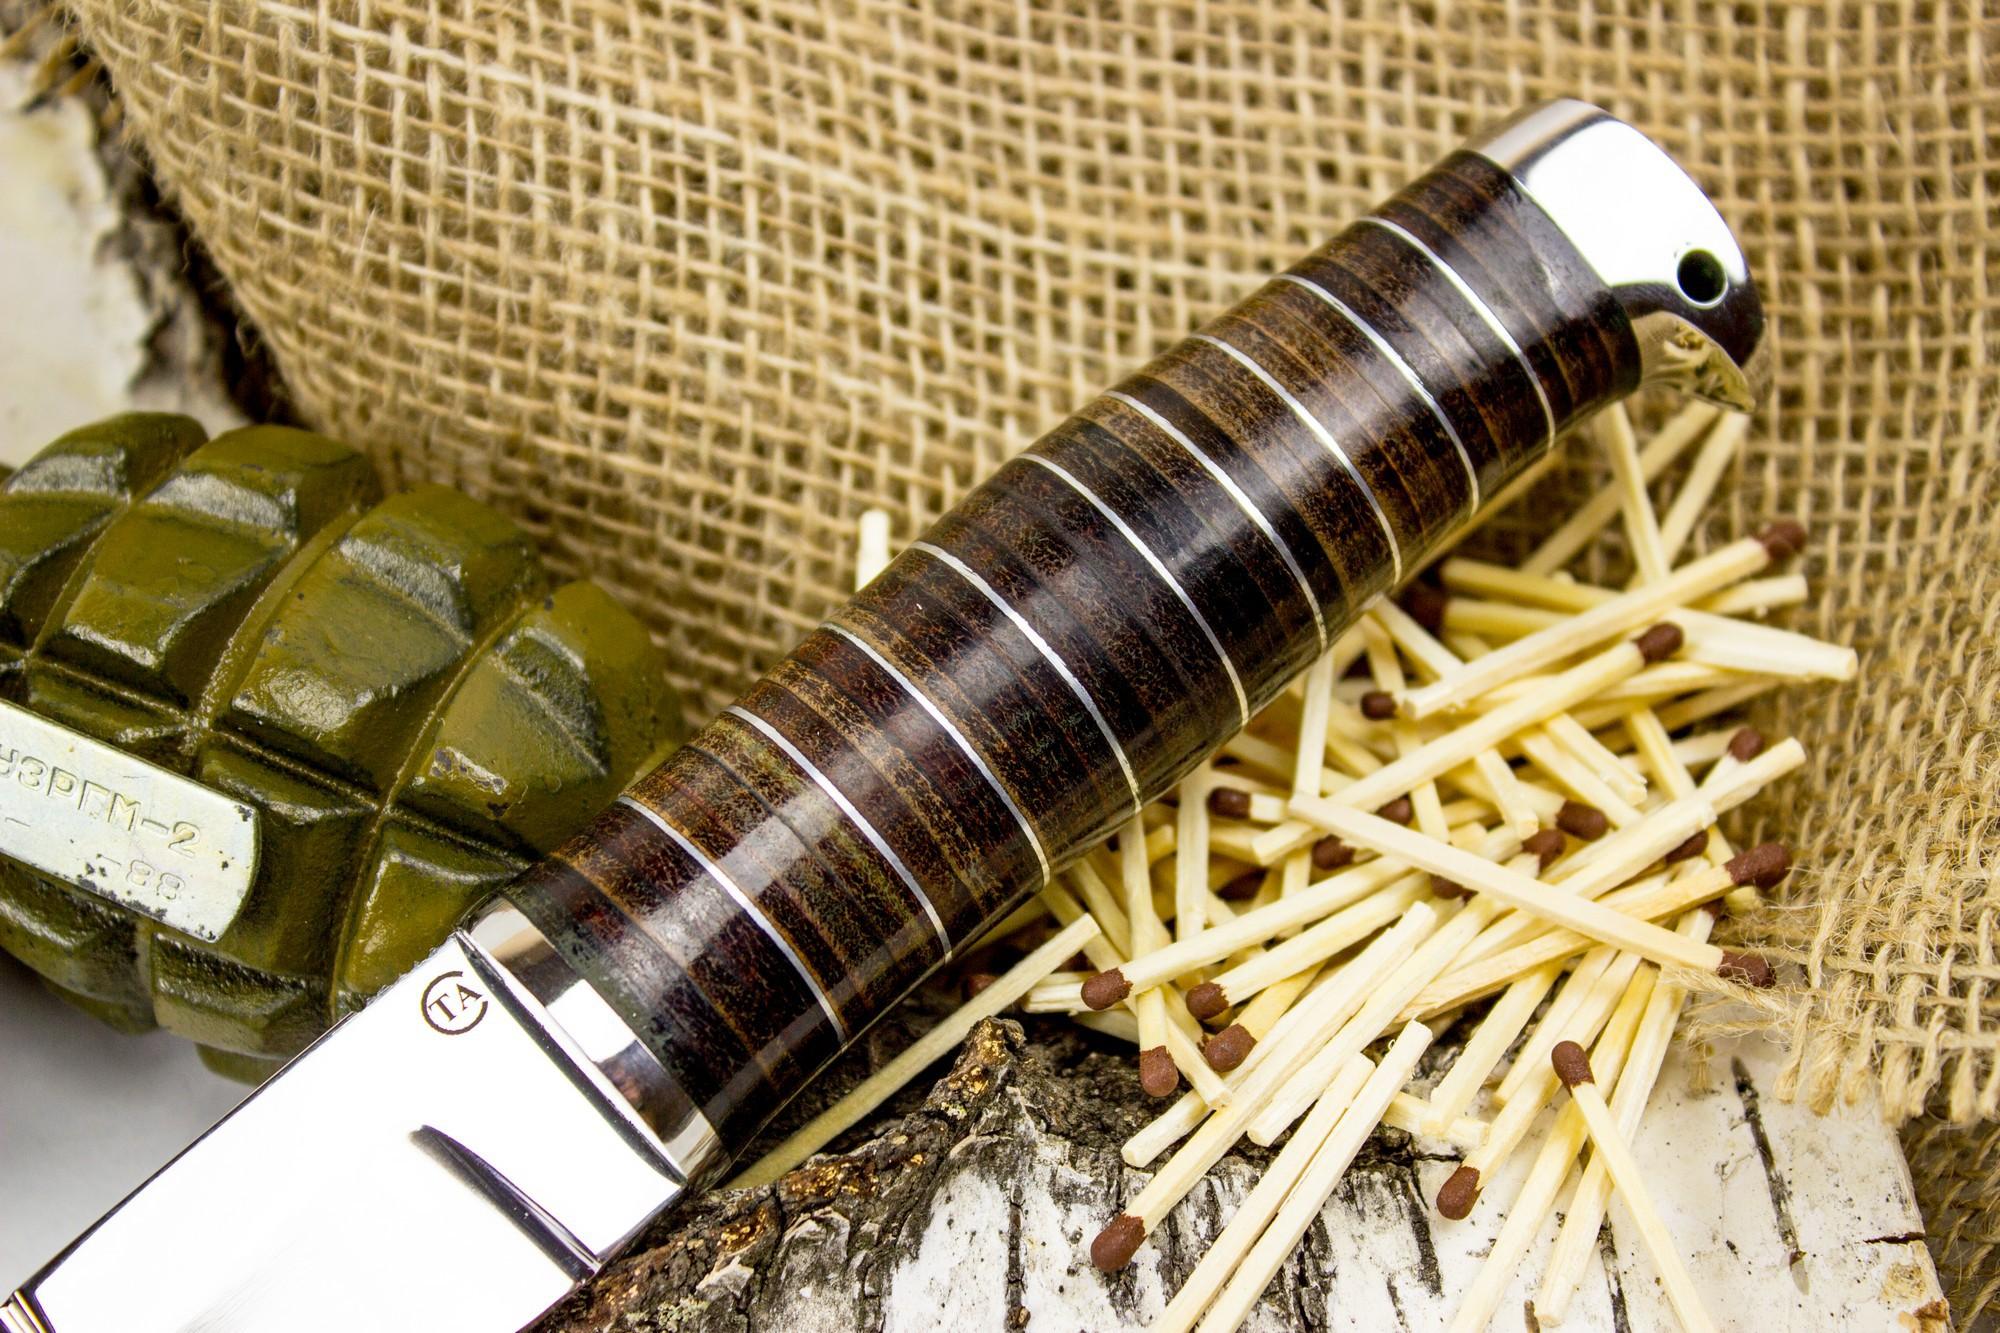 Фото 8 - Нож Пограничник, сталь 95х18, кожа от Титов и Солдатова